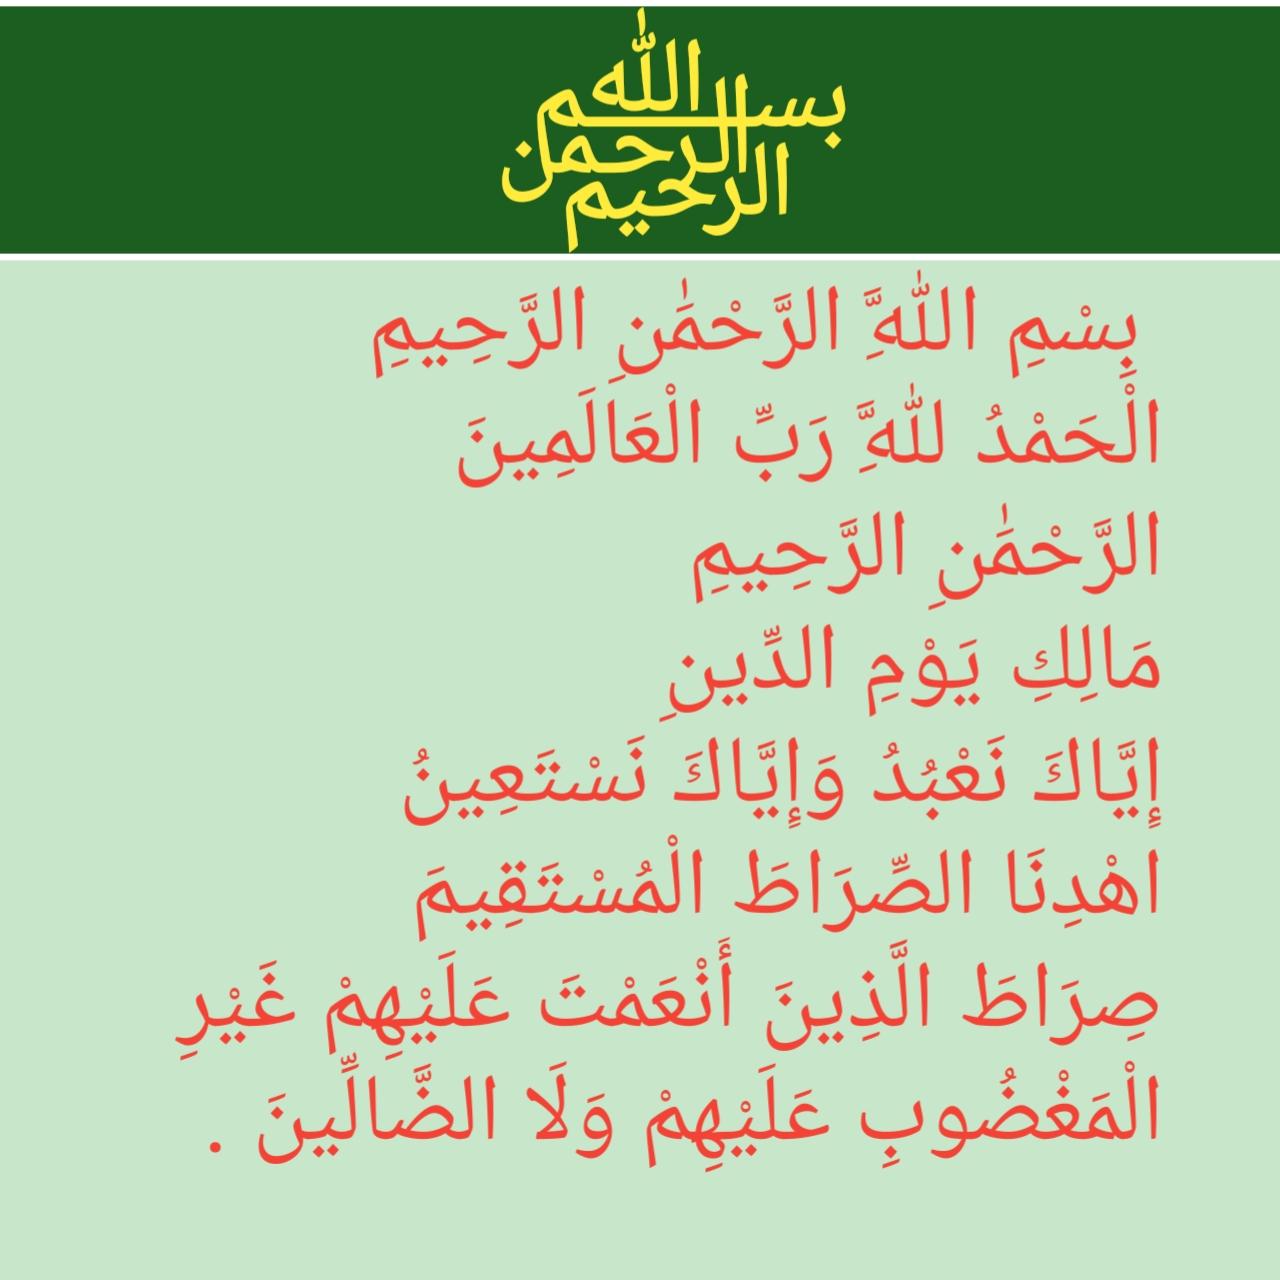 कुरान की सबसे पहली सूरत कौन सी है||सुरःफातेहा: तर्जुमा हिंदी में||surha Al-Fatihah in English